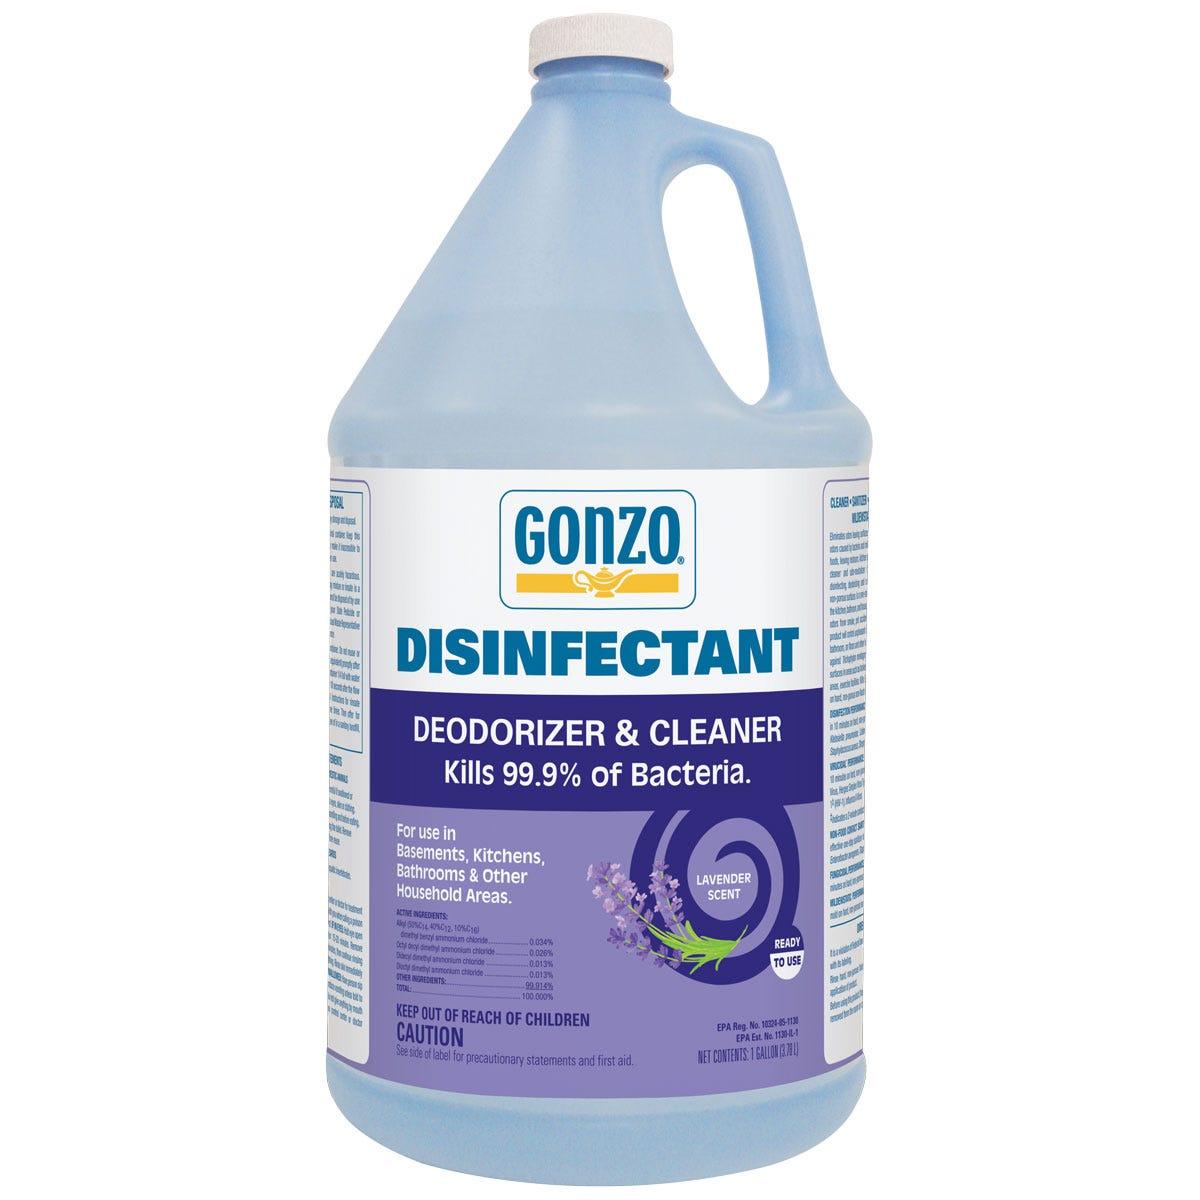 https://googone.com/media/catalog/product/l/a/lavender-disinfectant-odor-eliminator_front.jpg